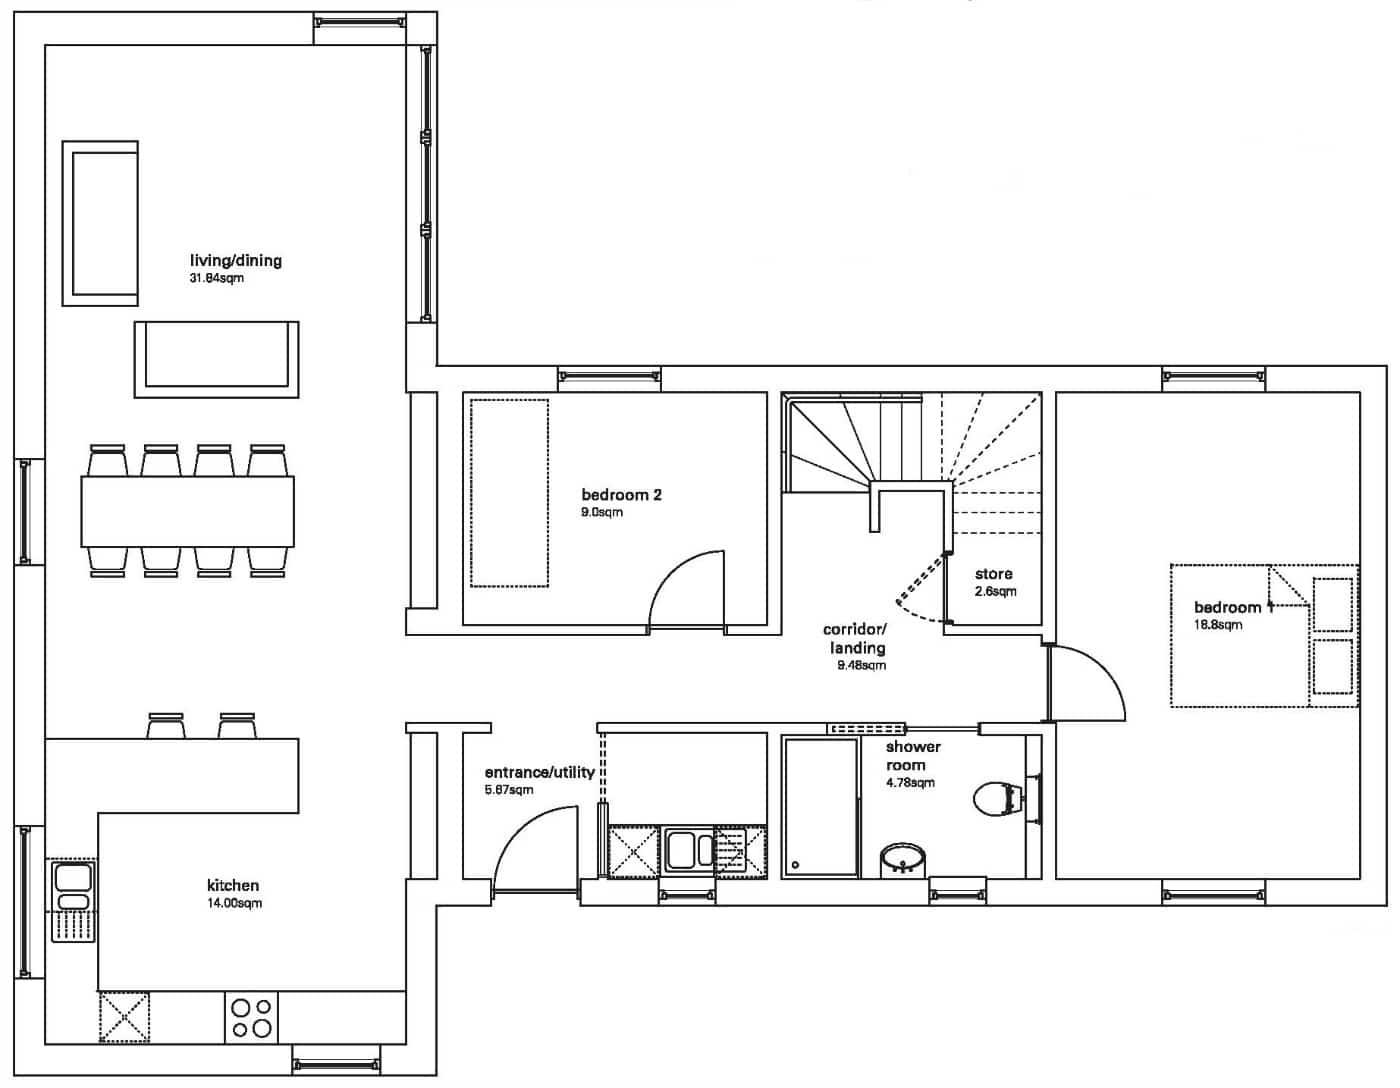 R4 First Floor Floor Plans